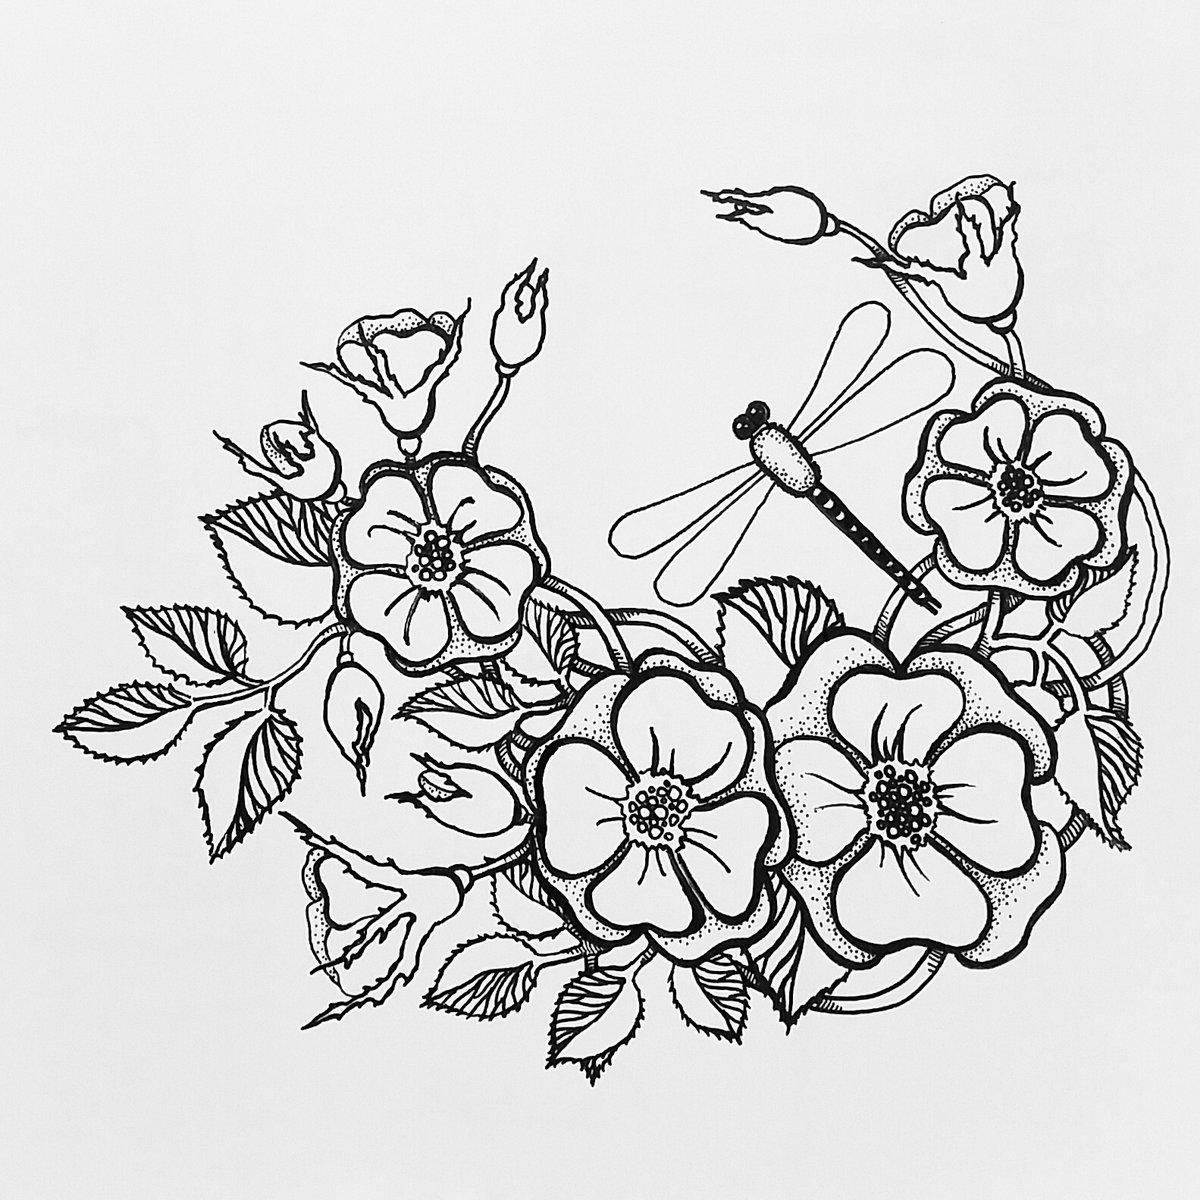 магазин картинки для цветы рисовать продаже